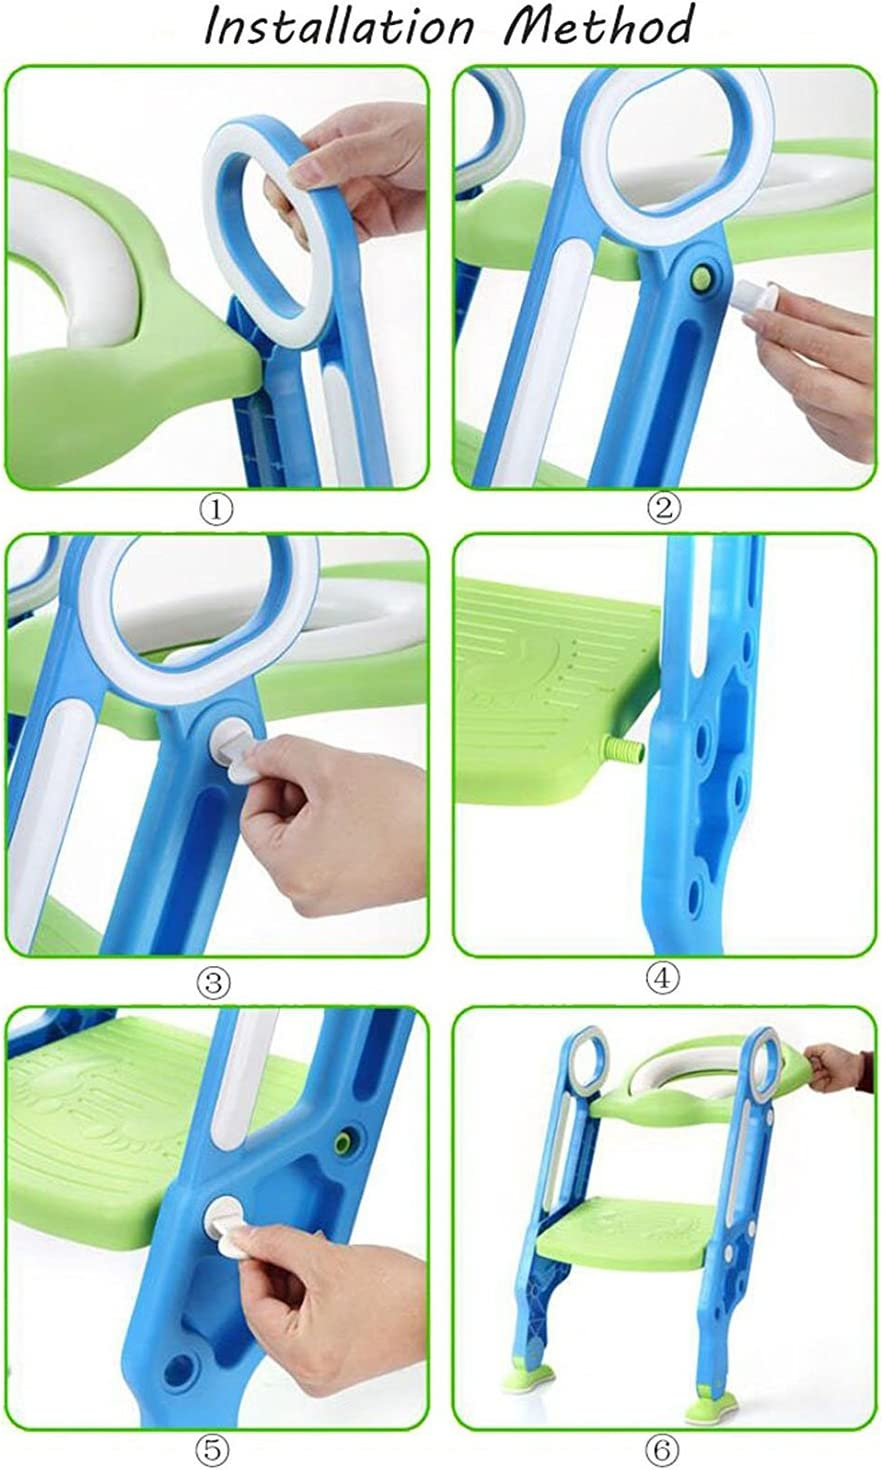 bleu-vert Si/ège de toilette /échelle avec marches WC si/ège pot Entra/îneur de b/éb/é enfant FR